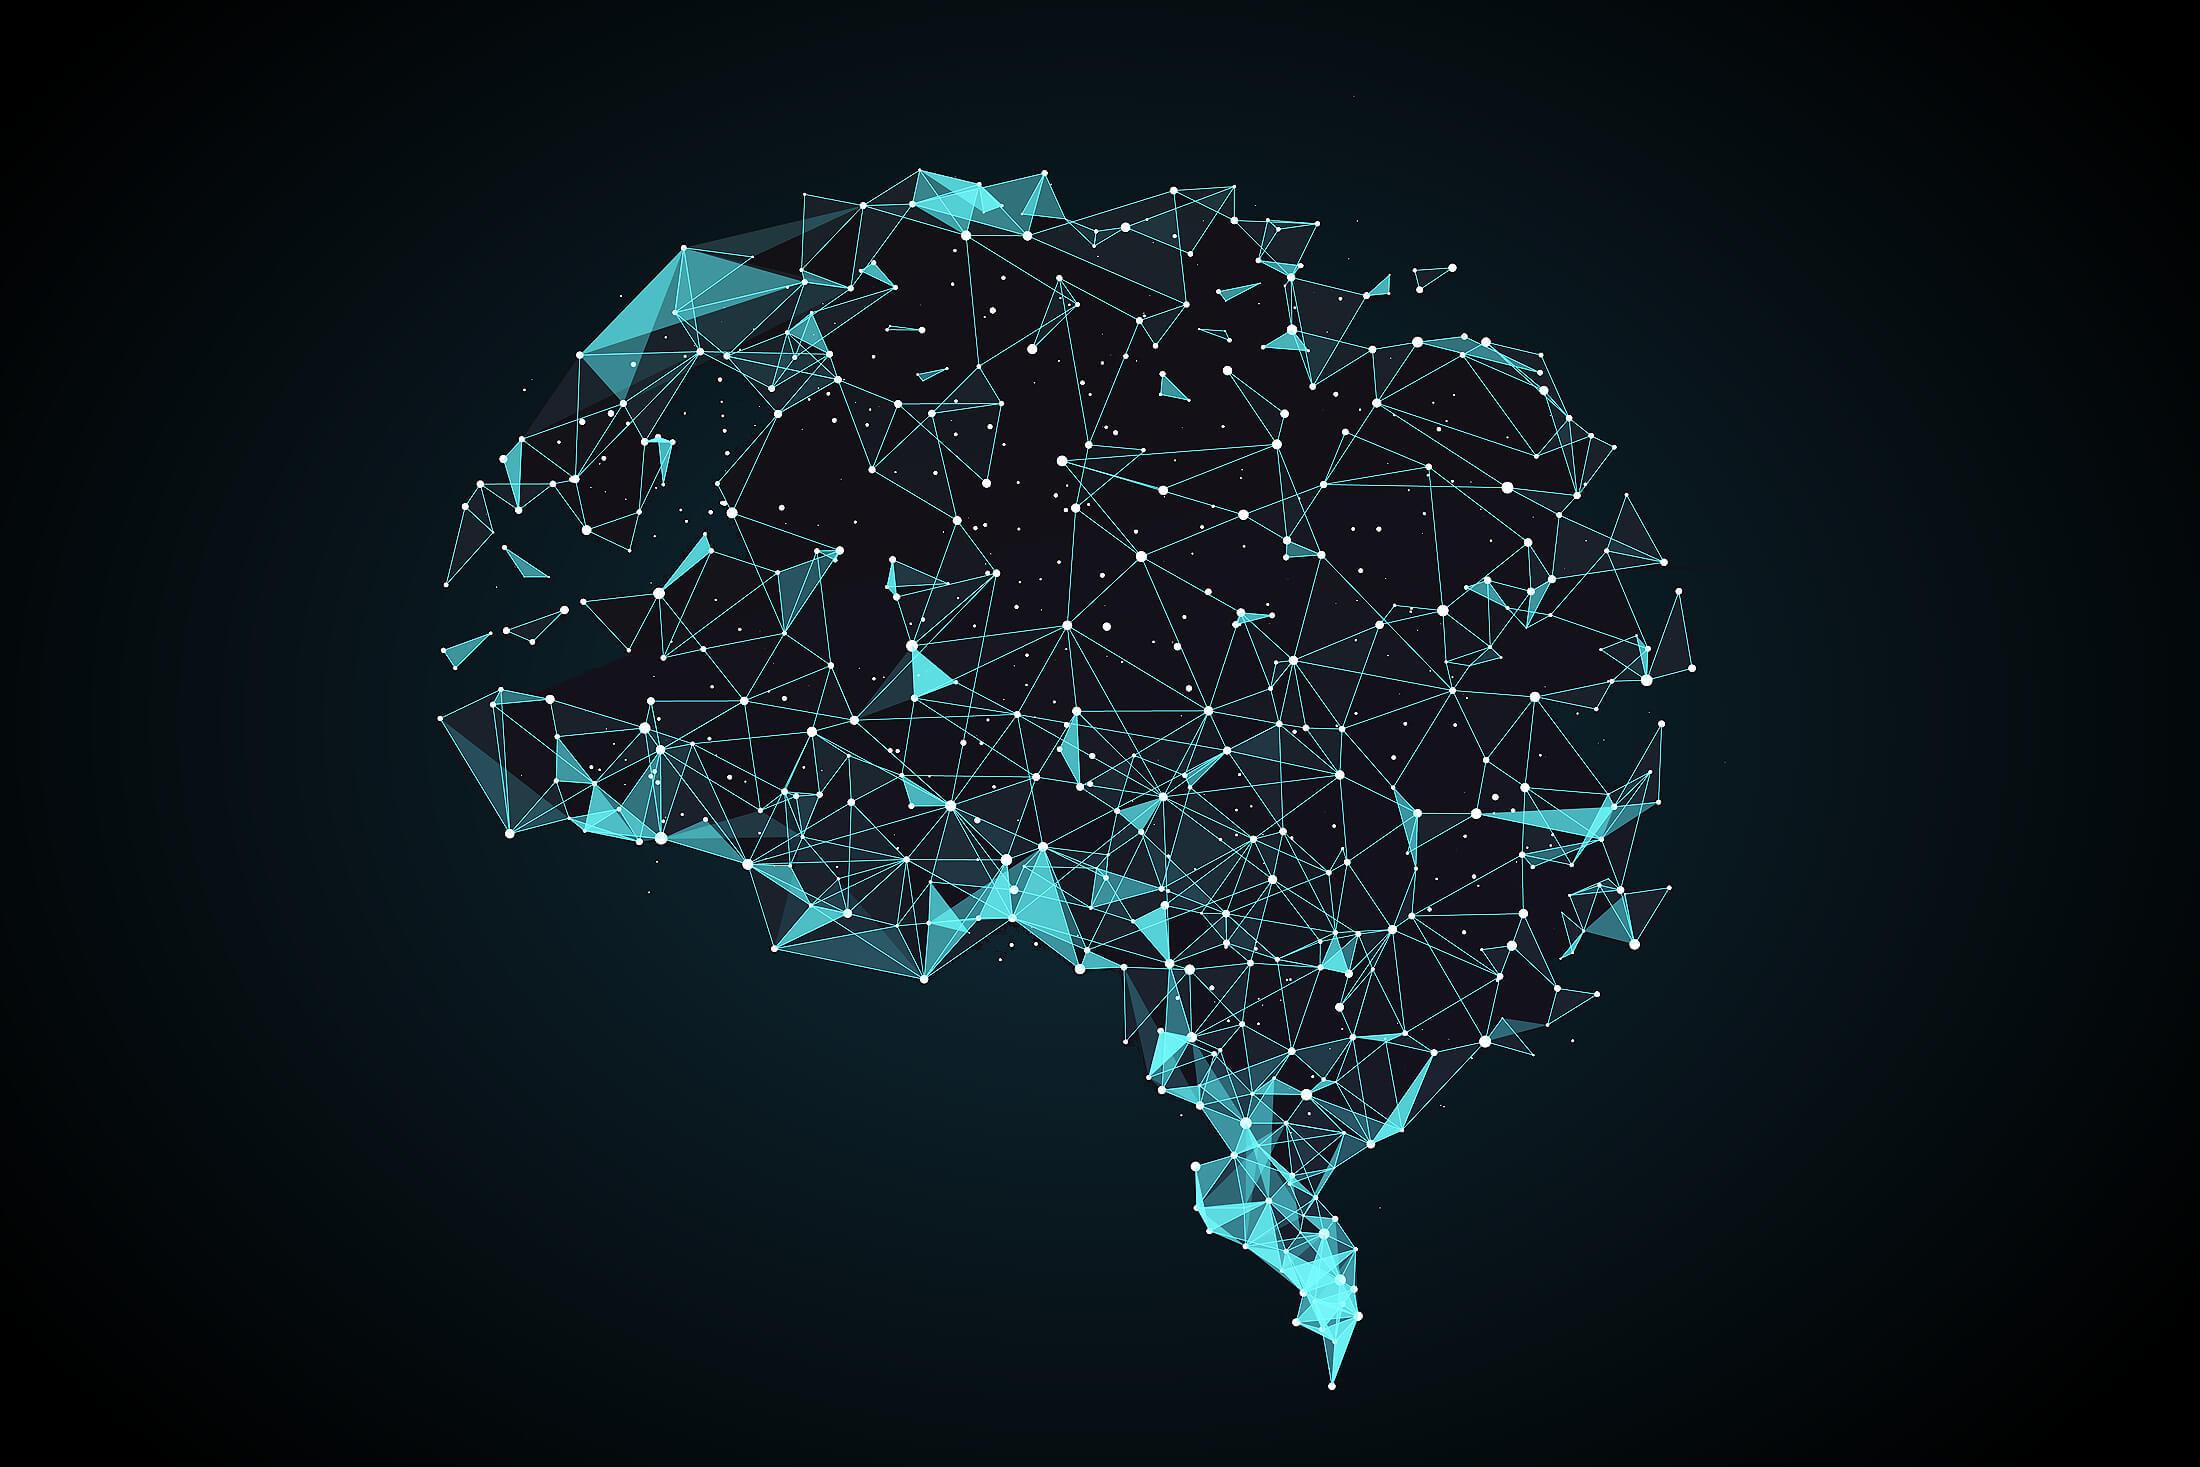 нейронные сети искусственный интеллект